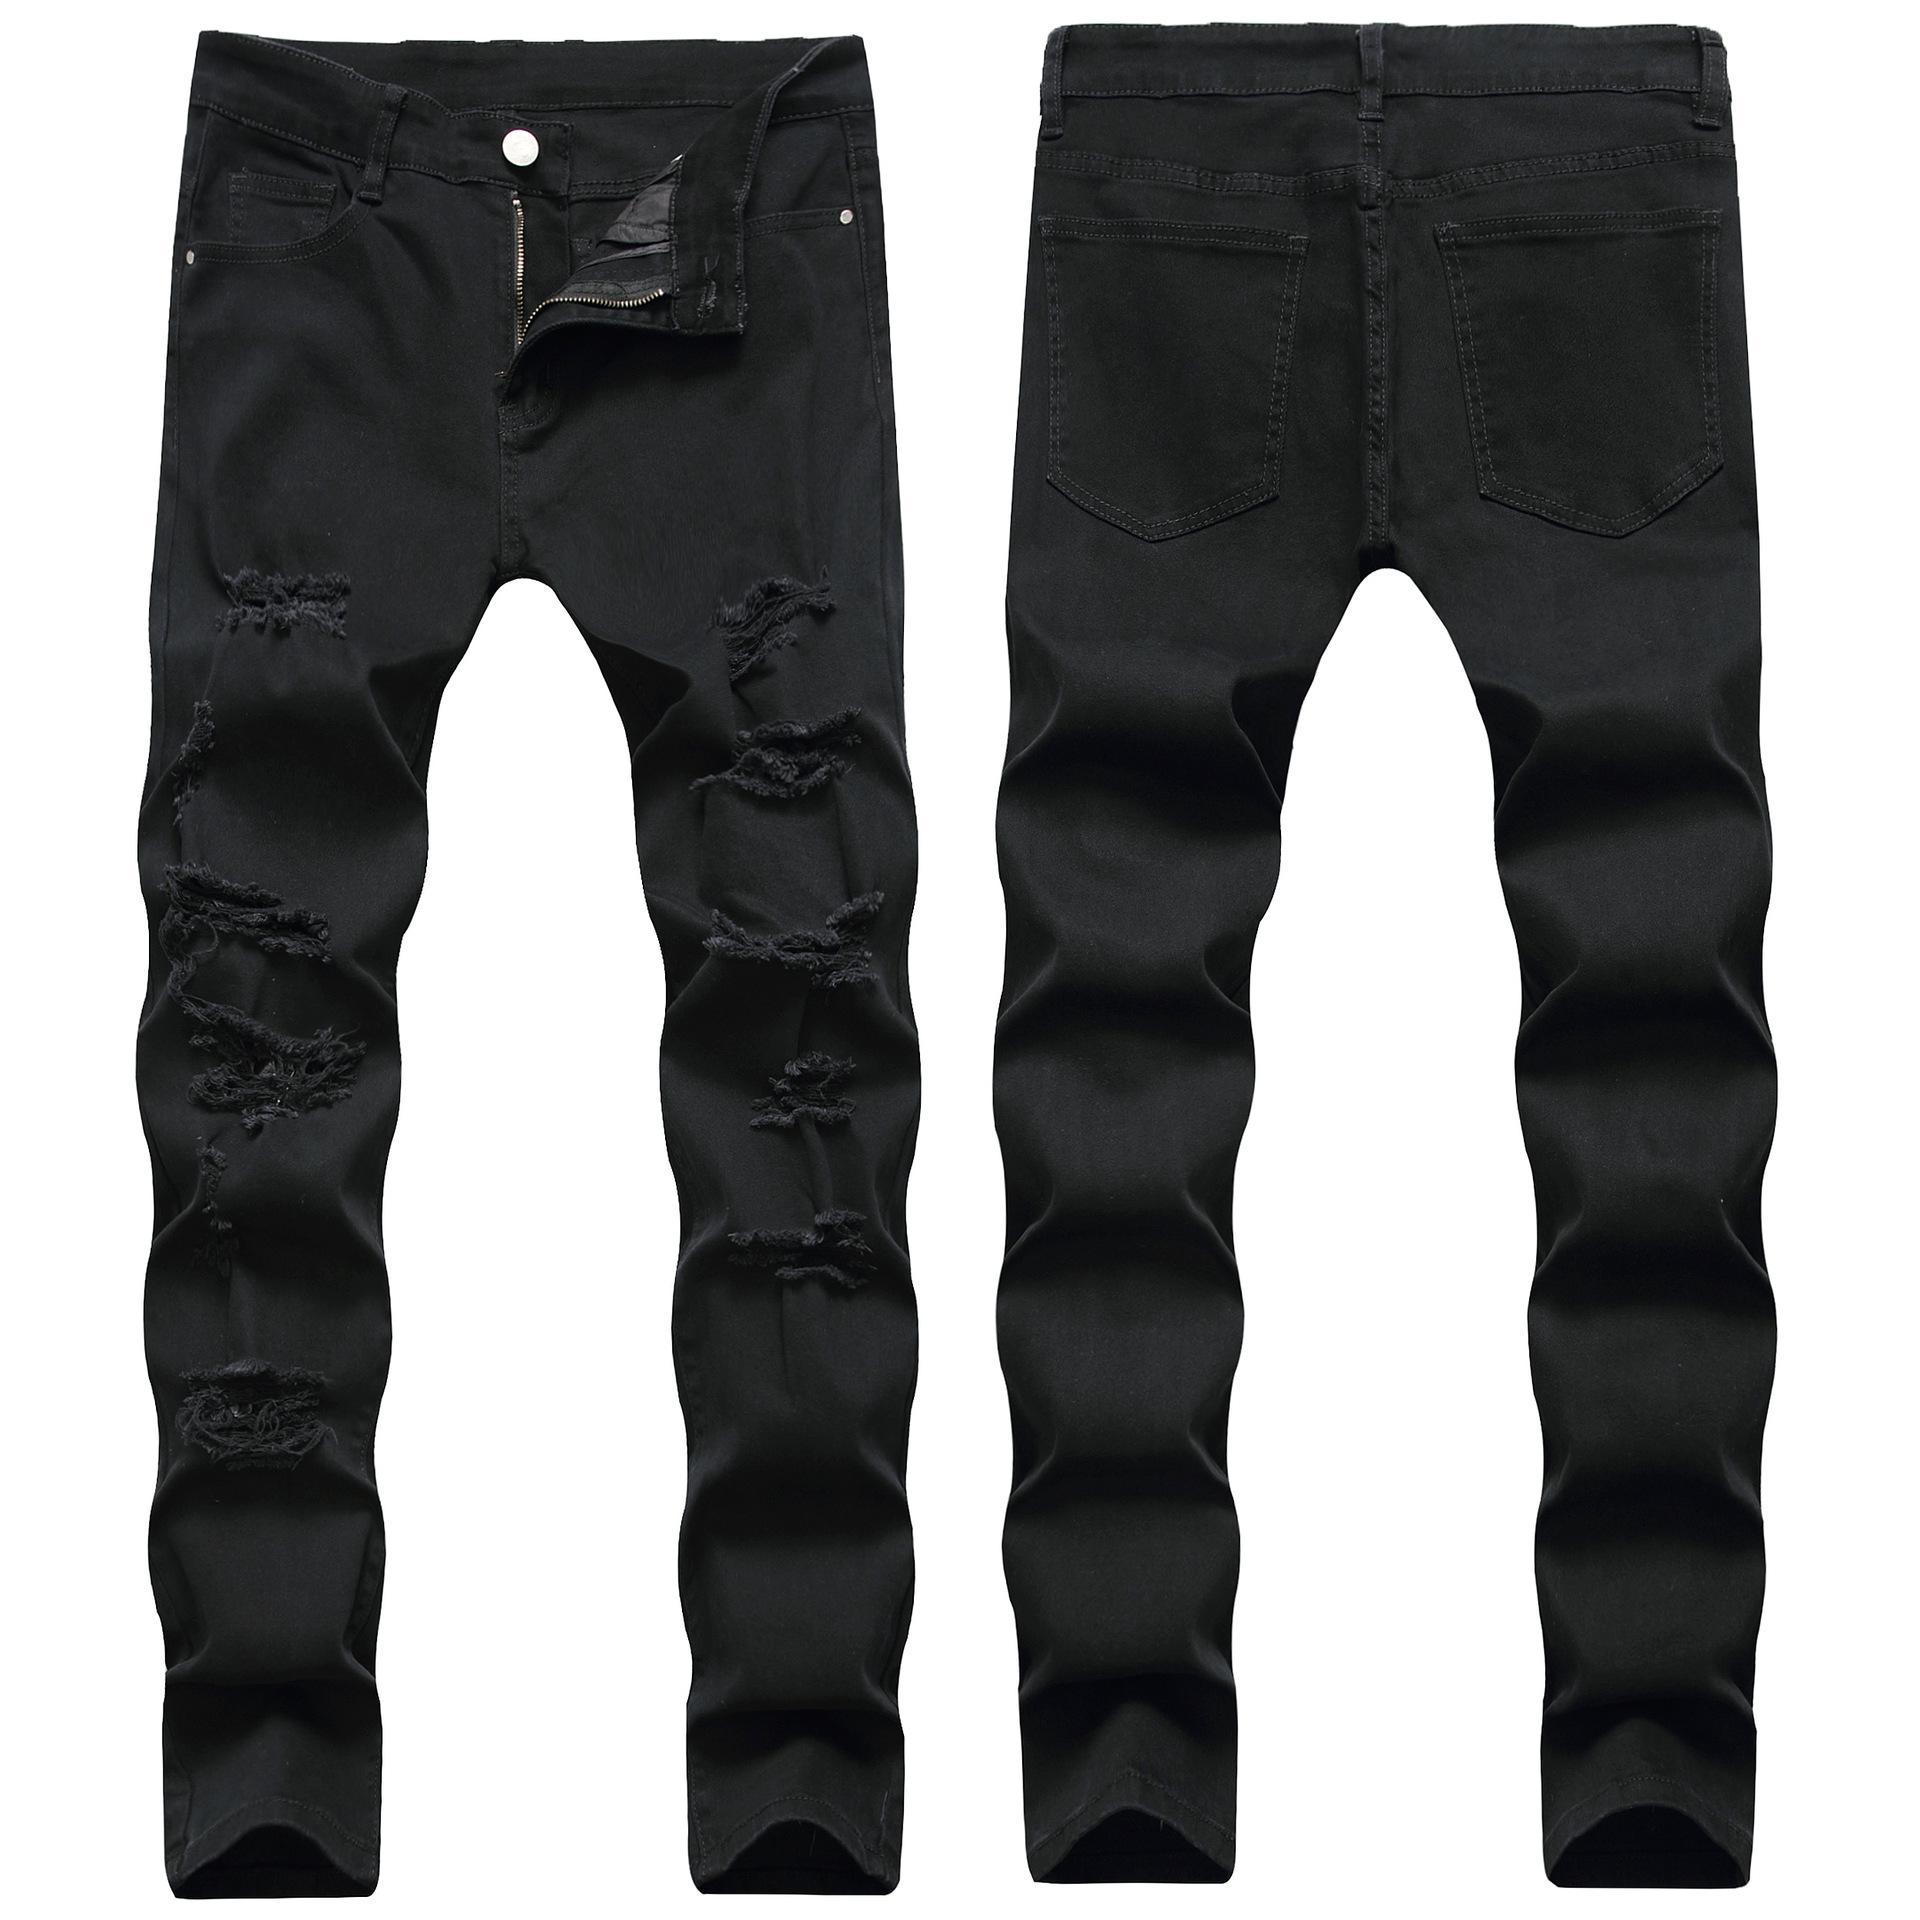 Sıska Erkek Siyah Kot Serin Erkekler Yırtık Kot Destory Delik Streç Slim Fit Denim Biker Jeans Hip Hop Erkekler Streetwear 2011 #